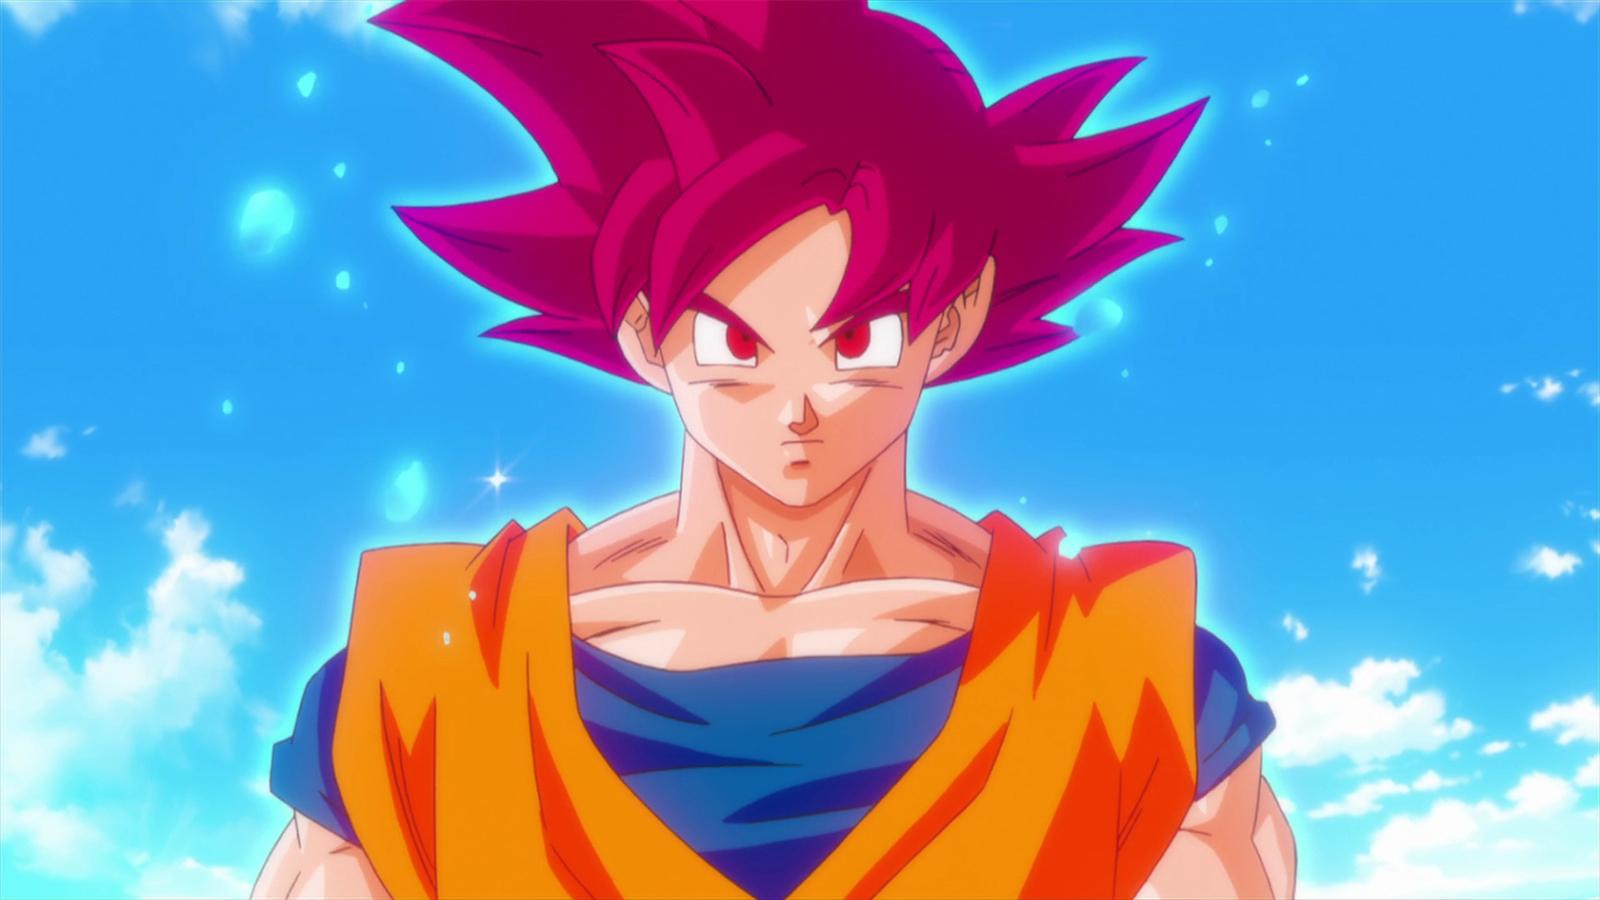 Imagen De Goku Kakaroto Normal Fase 1 Fase Dos Fase 3 Fase: Goku, El Héroe Que Ha Muerto Y Resucitado En Más De Una